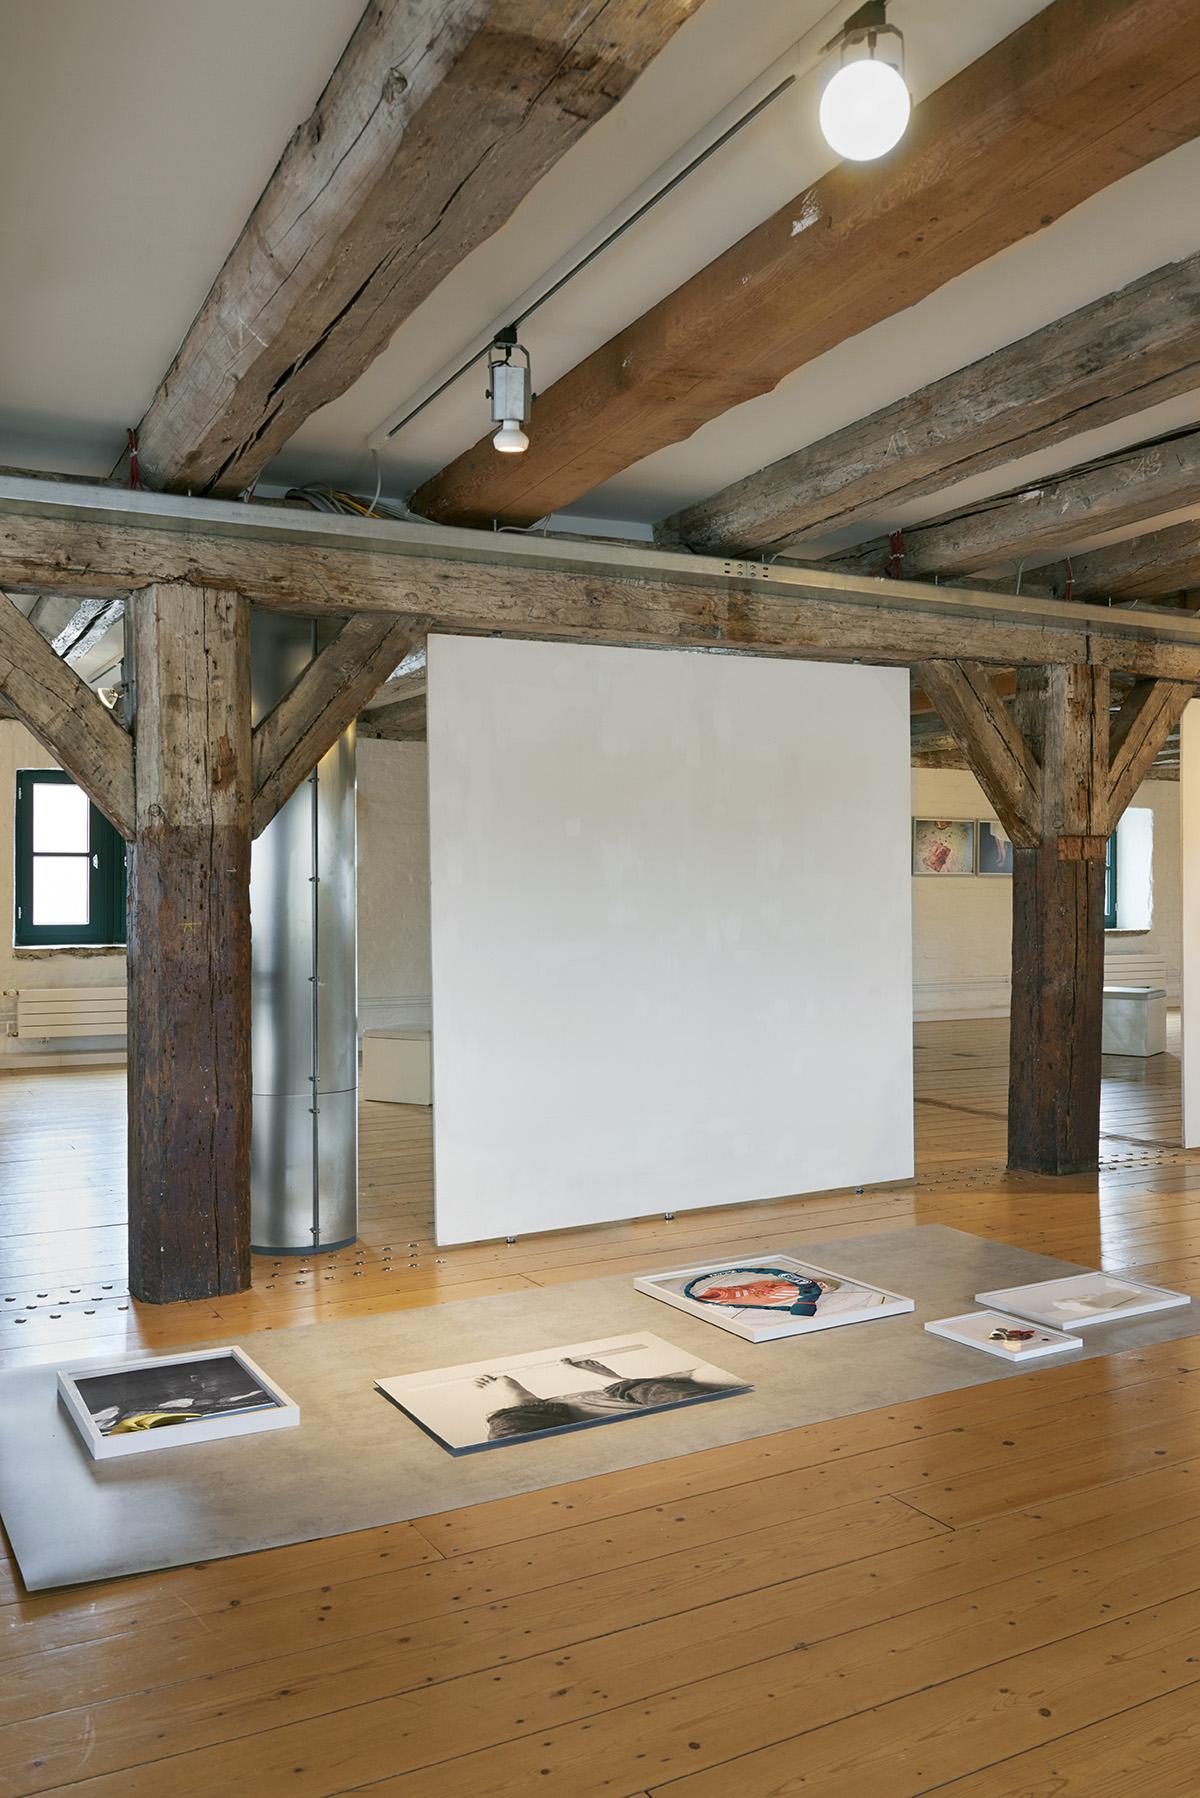 Pio Rahner, citylight, 2020, zeitgenössische Fotografie, Bremen, Folkwang, behrens, schmidt, wolf, engelke,